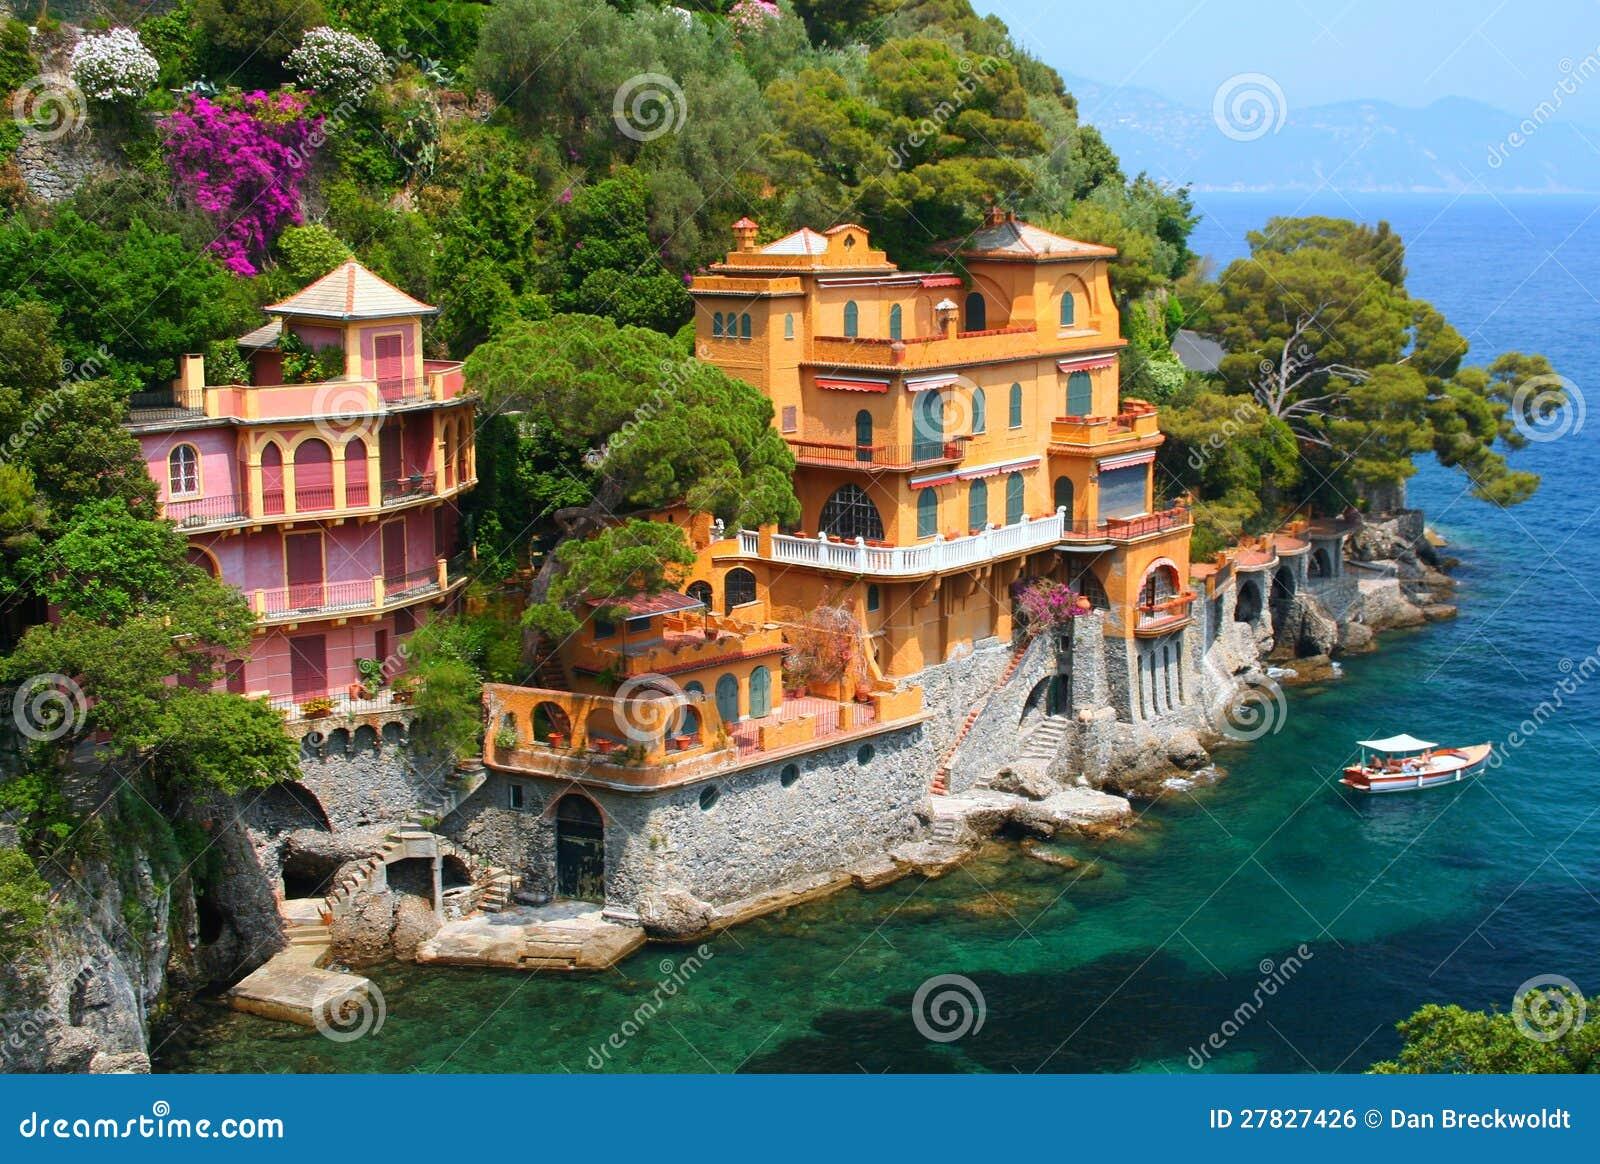 villas de bord de la mer en italie image libre de droits. Black Bedroom Furniture Sets. Home Design Ideas